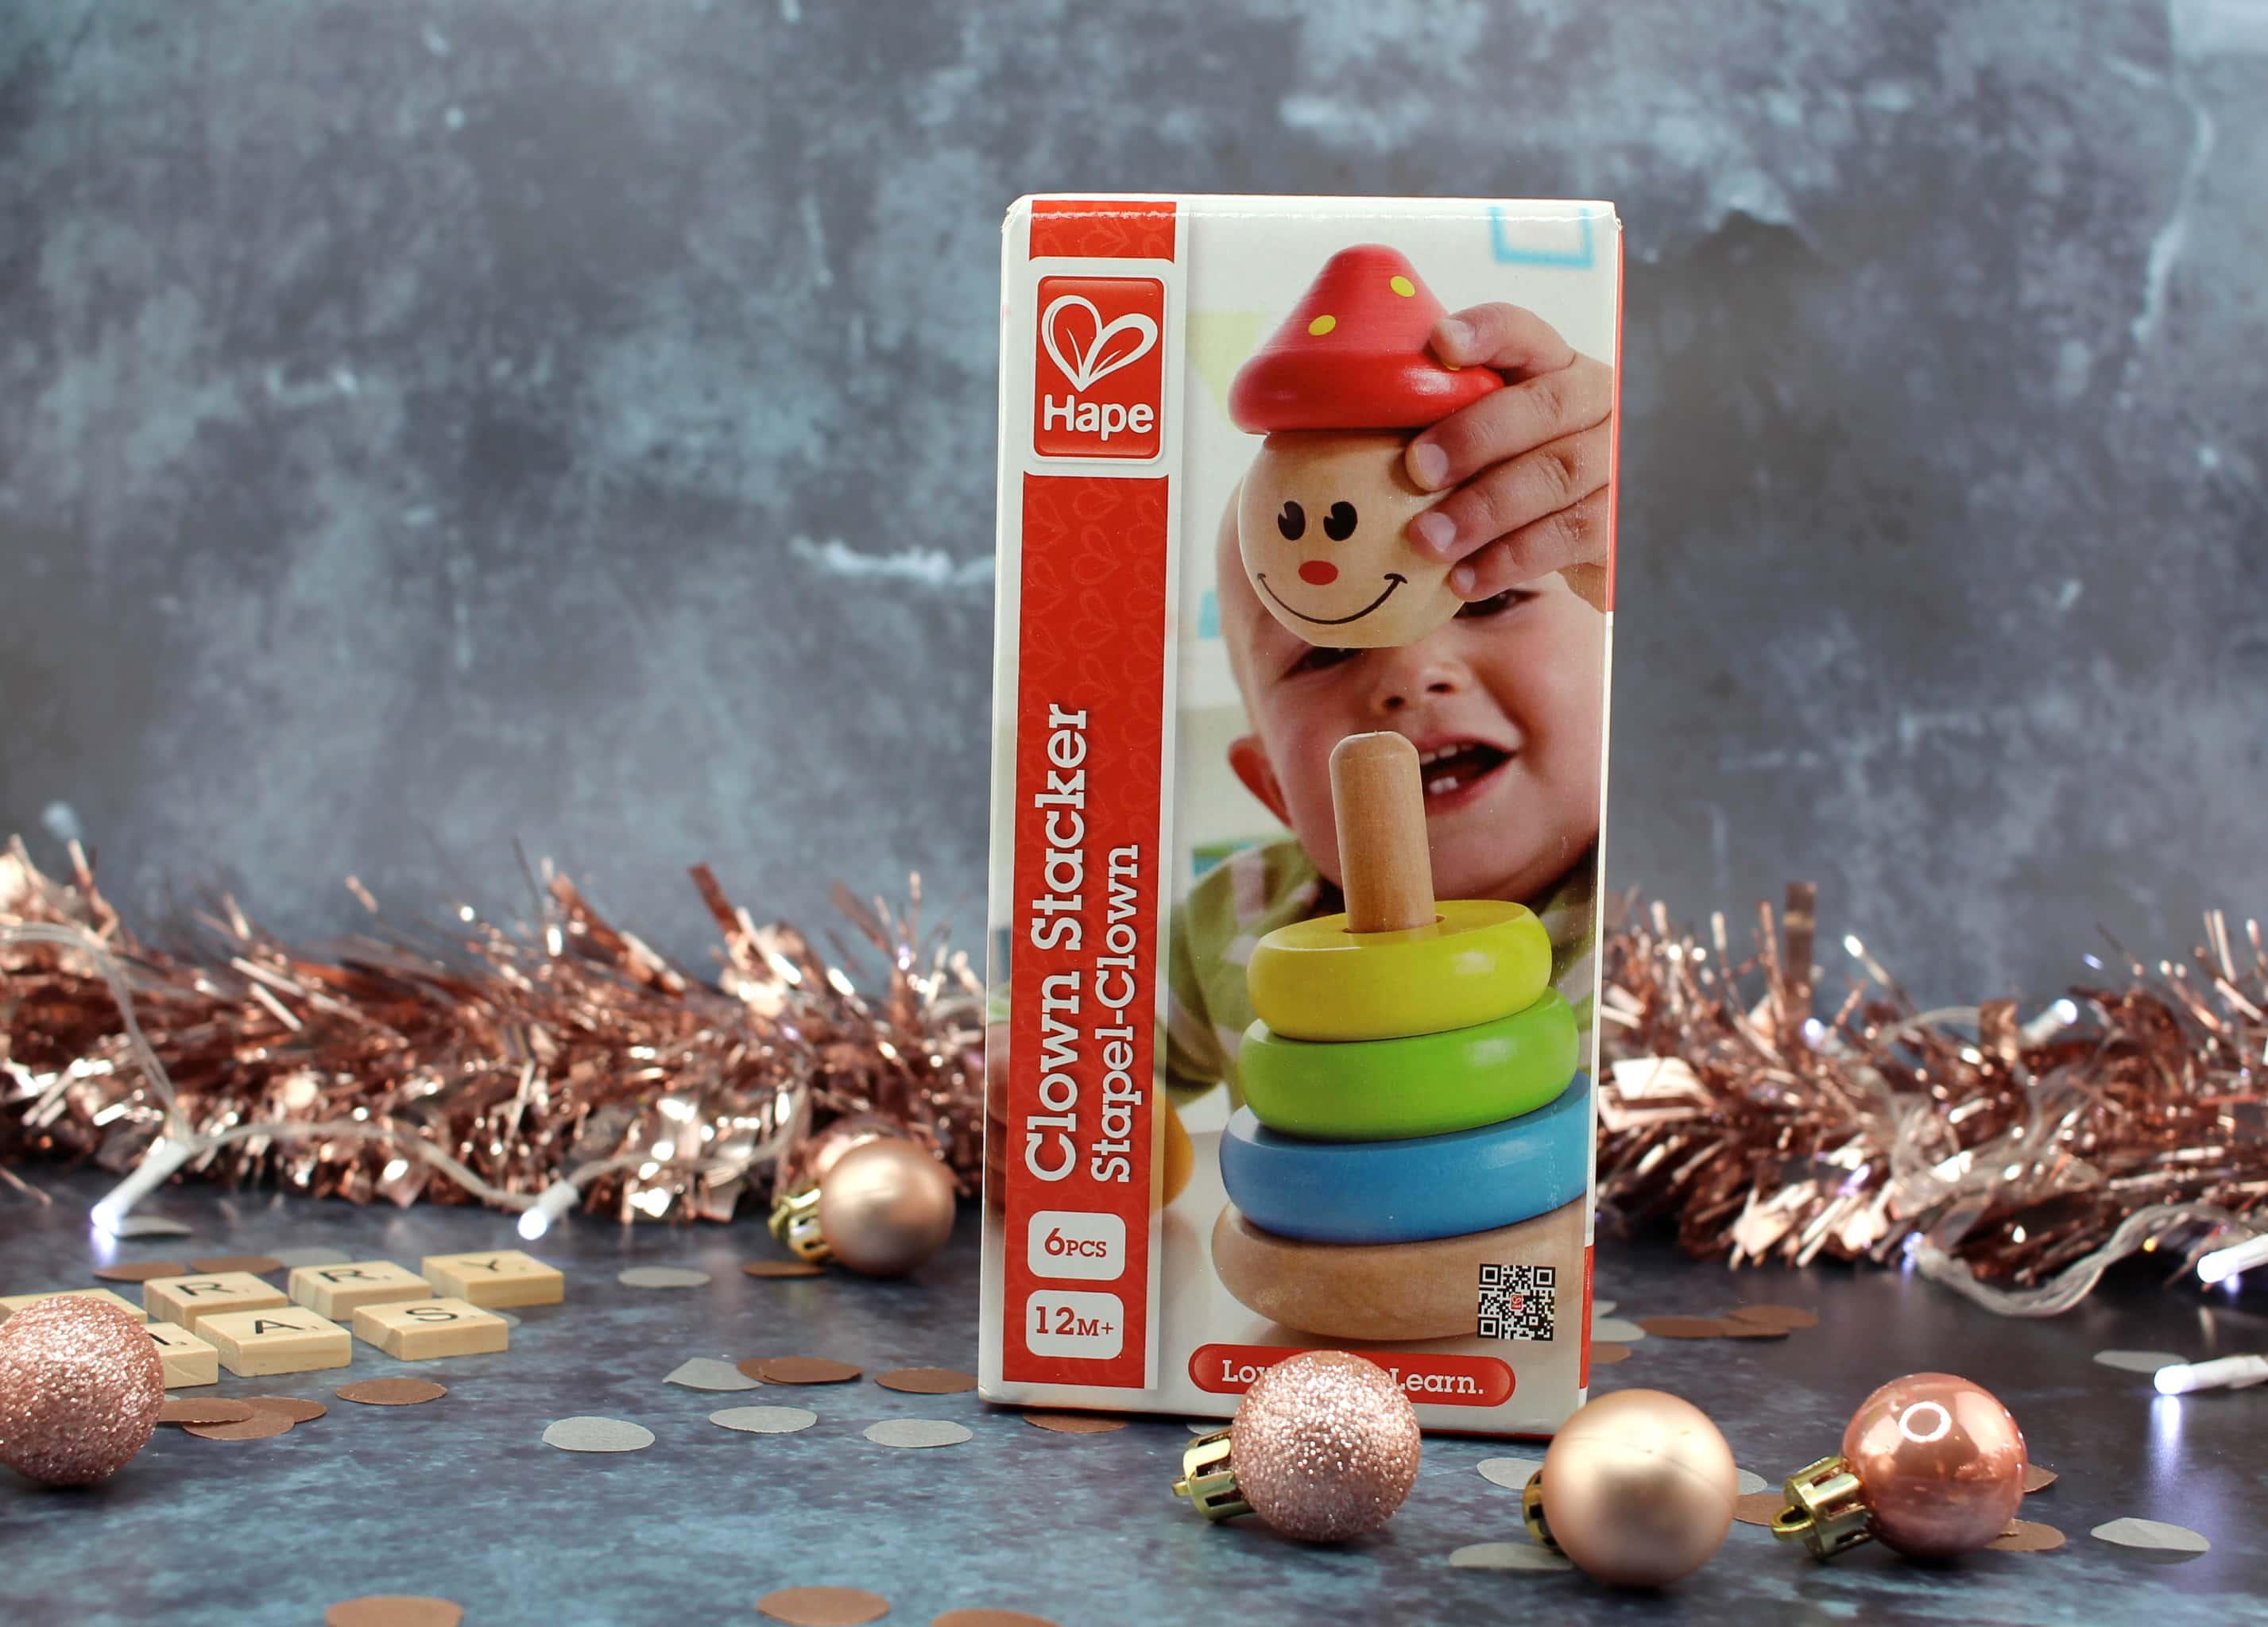 Clown Stacker Toy